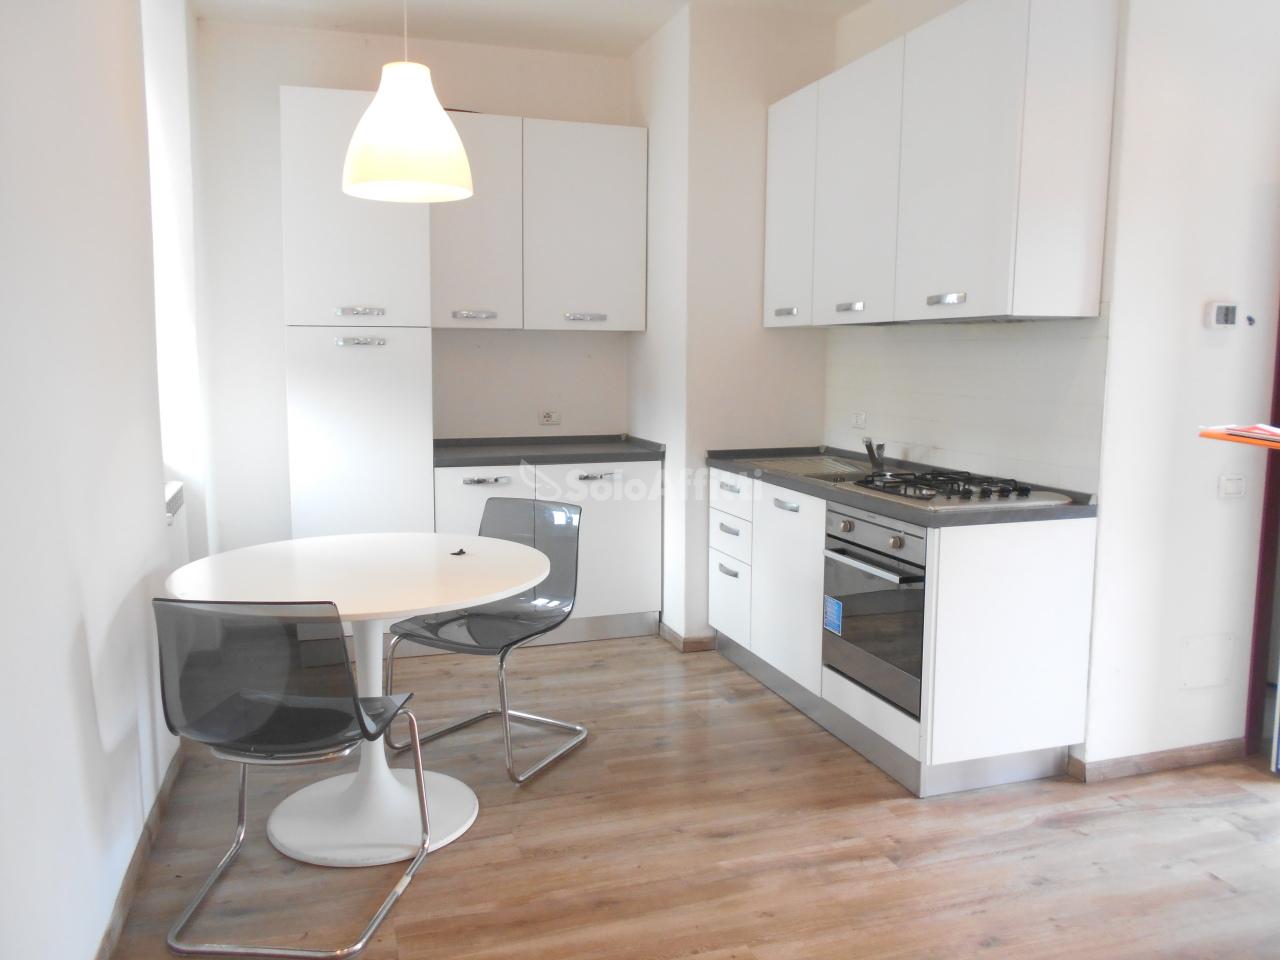 Appartamento in affitto a Cantù, 1 locali, prezzo € 420 | PortaleAgenzieImmobiliari.it